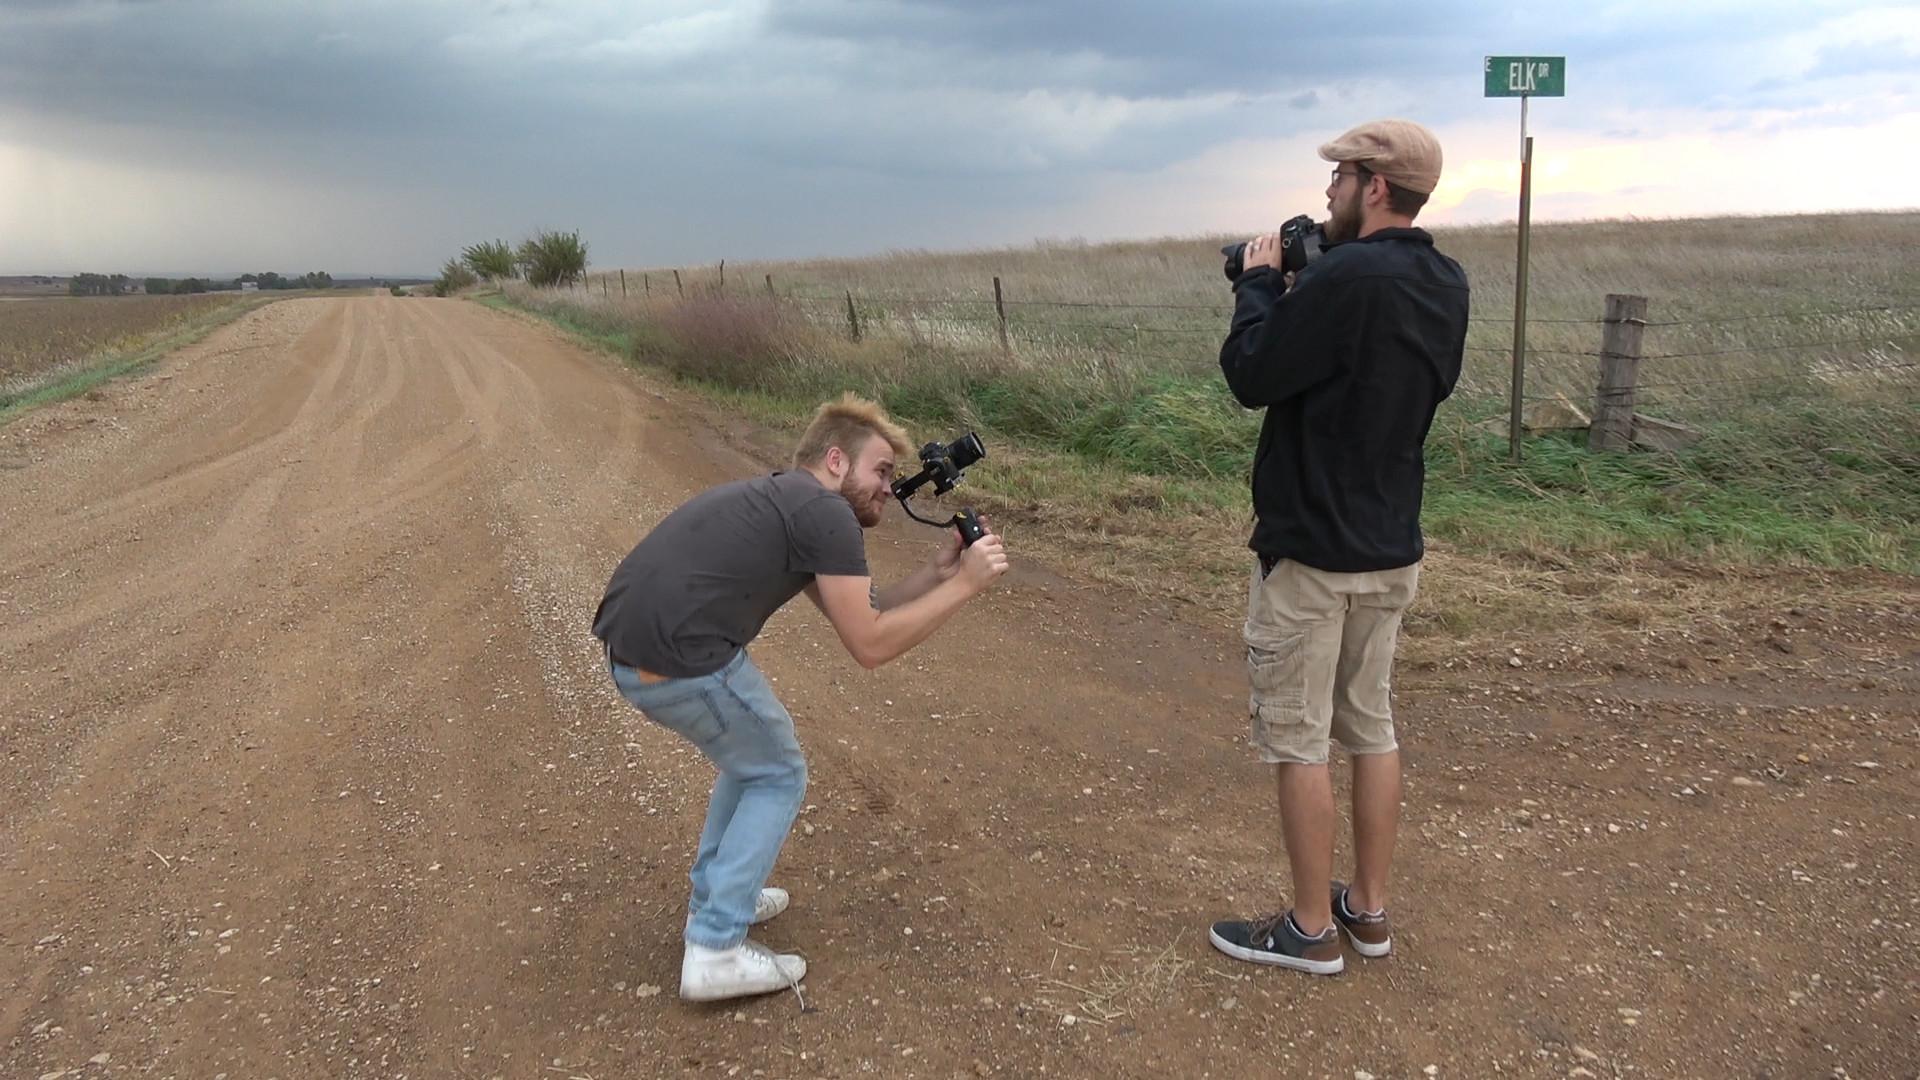 Filming Dan